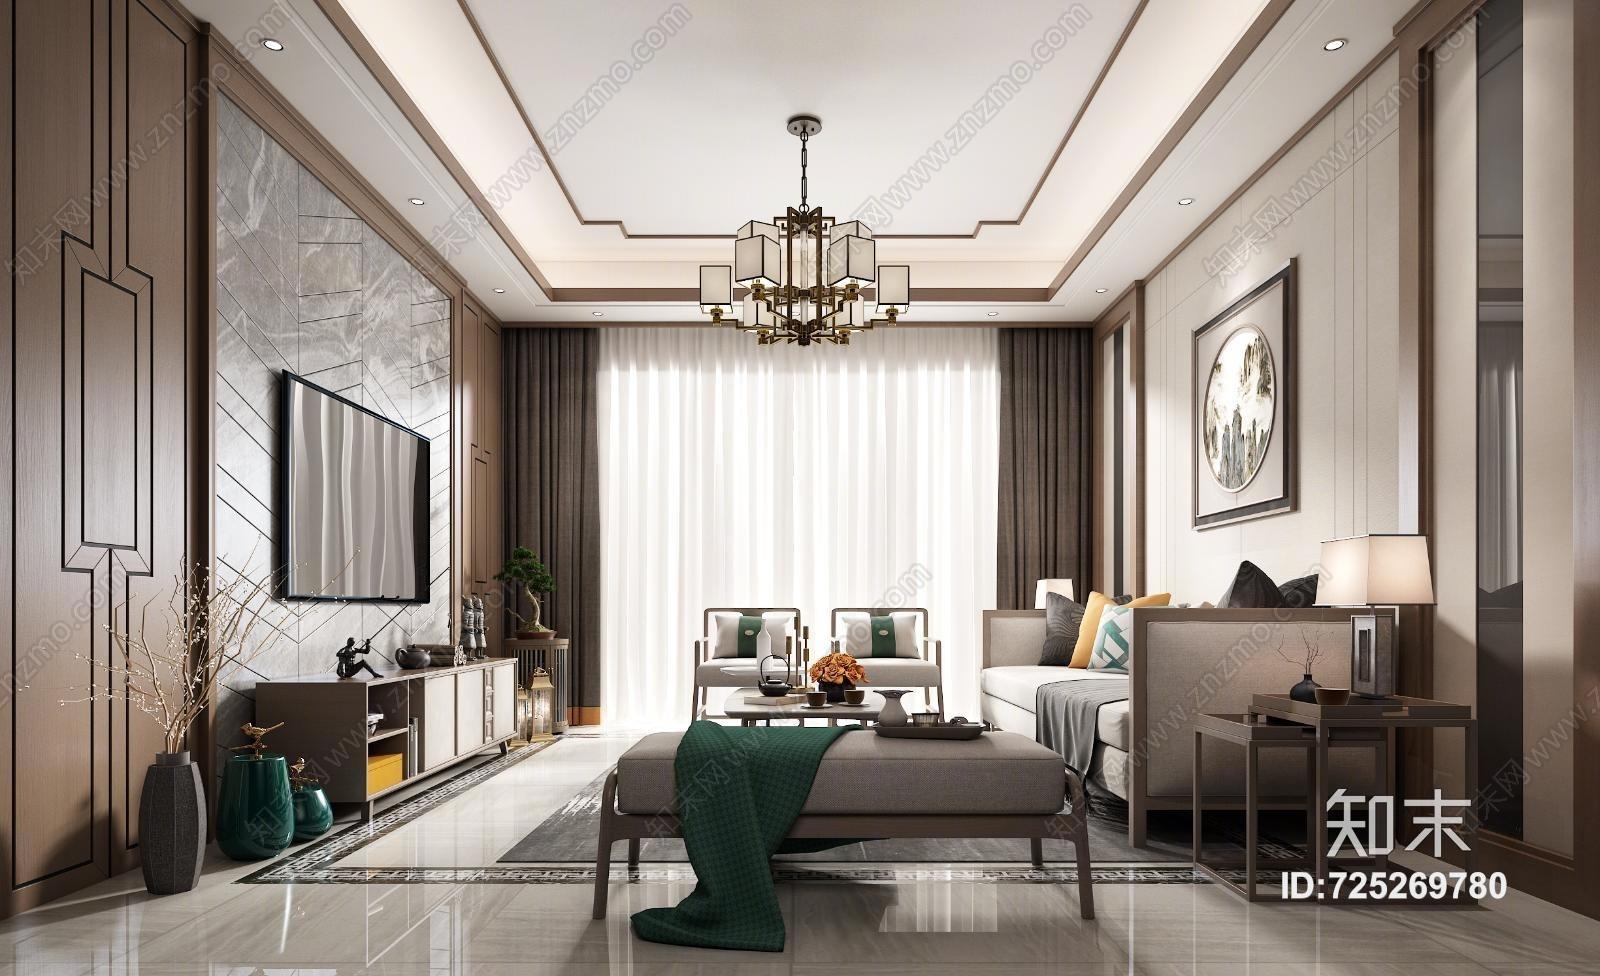 新中式客厅 沙发 挂画 装饰品 吊灯 台灯 茶几 窗帘